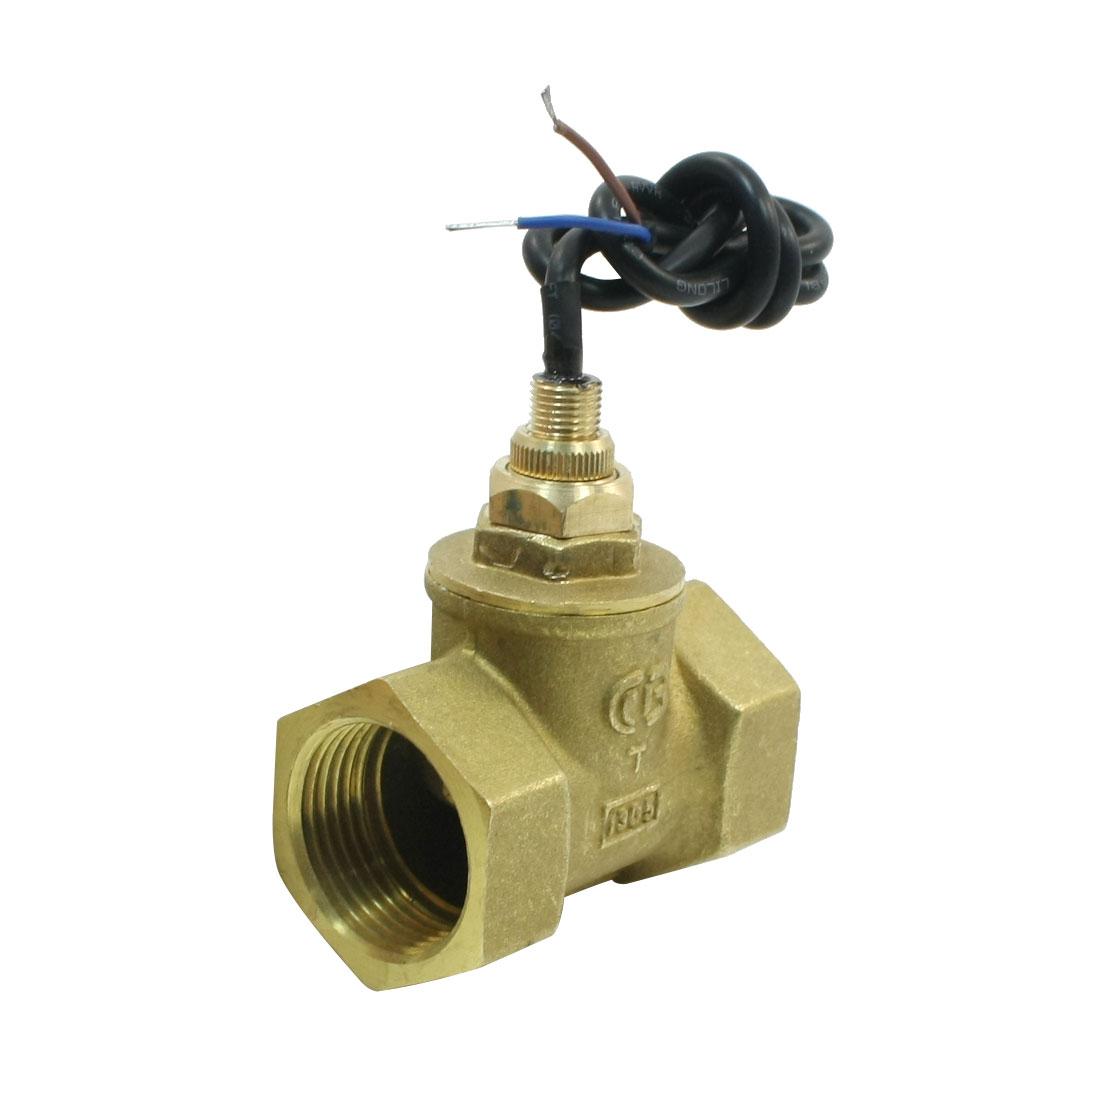 SEN-HS25 30mm/1PT Female Thread Gold Tone Brass Adjustable Piston Water Flow Switch Flowmeter 30L/Min 70W